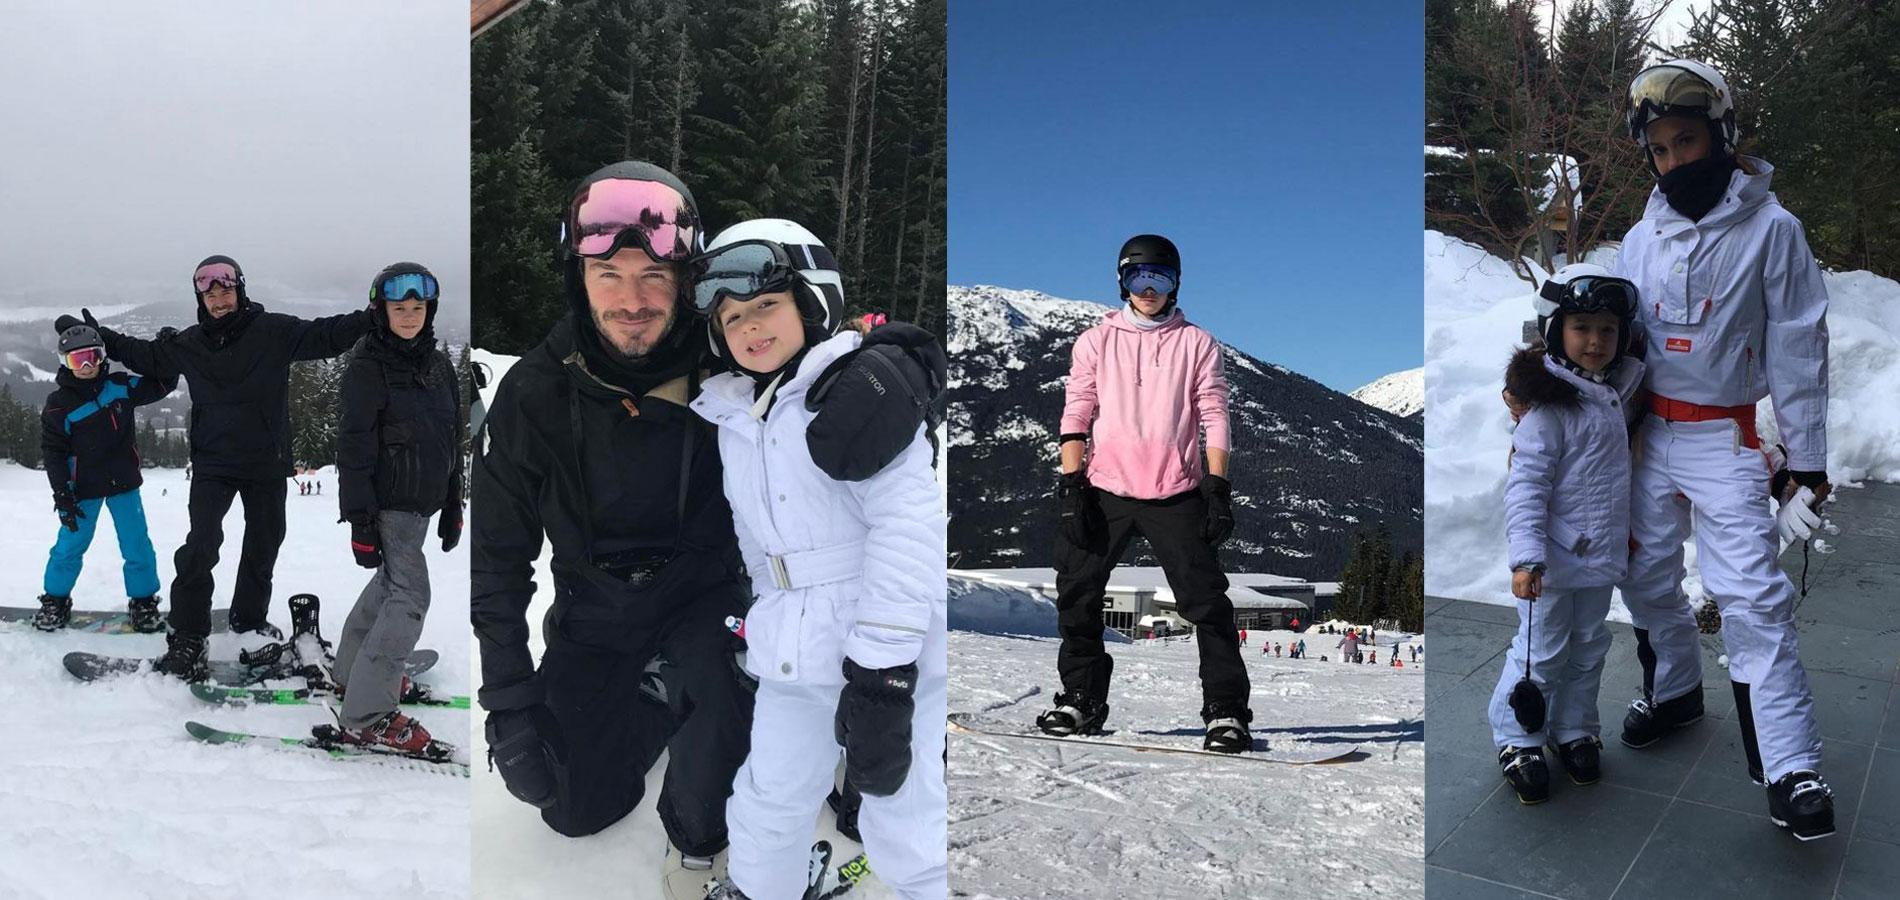 Les Beckham au ski   photos de famille et accident de snowboard ... ba72fbada44